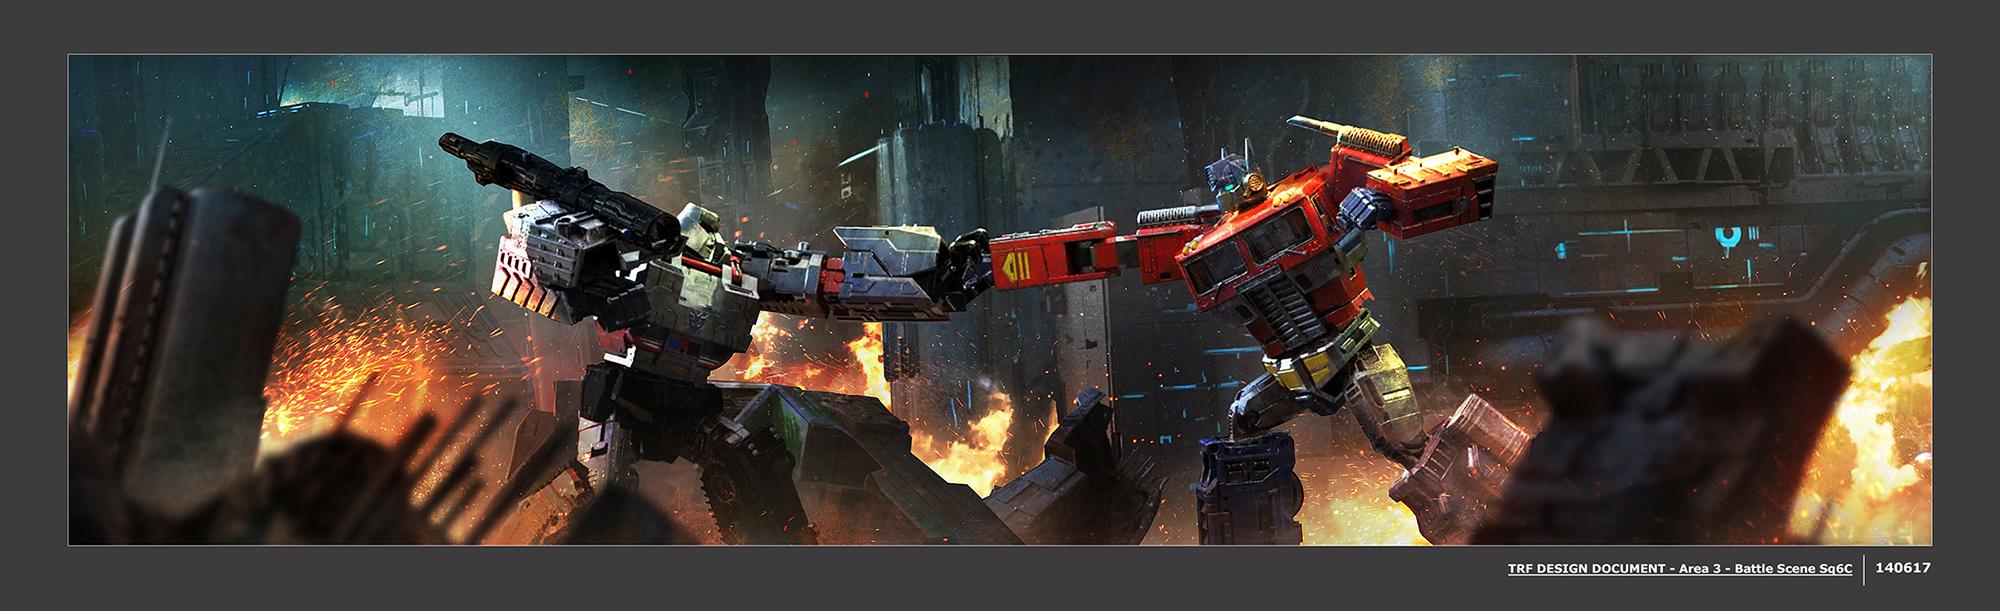 Area3-Battle_scene_BUILDING_DESIGN_Sq06C